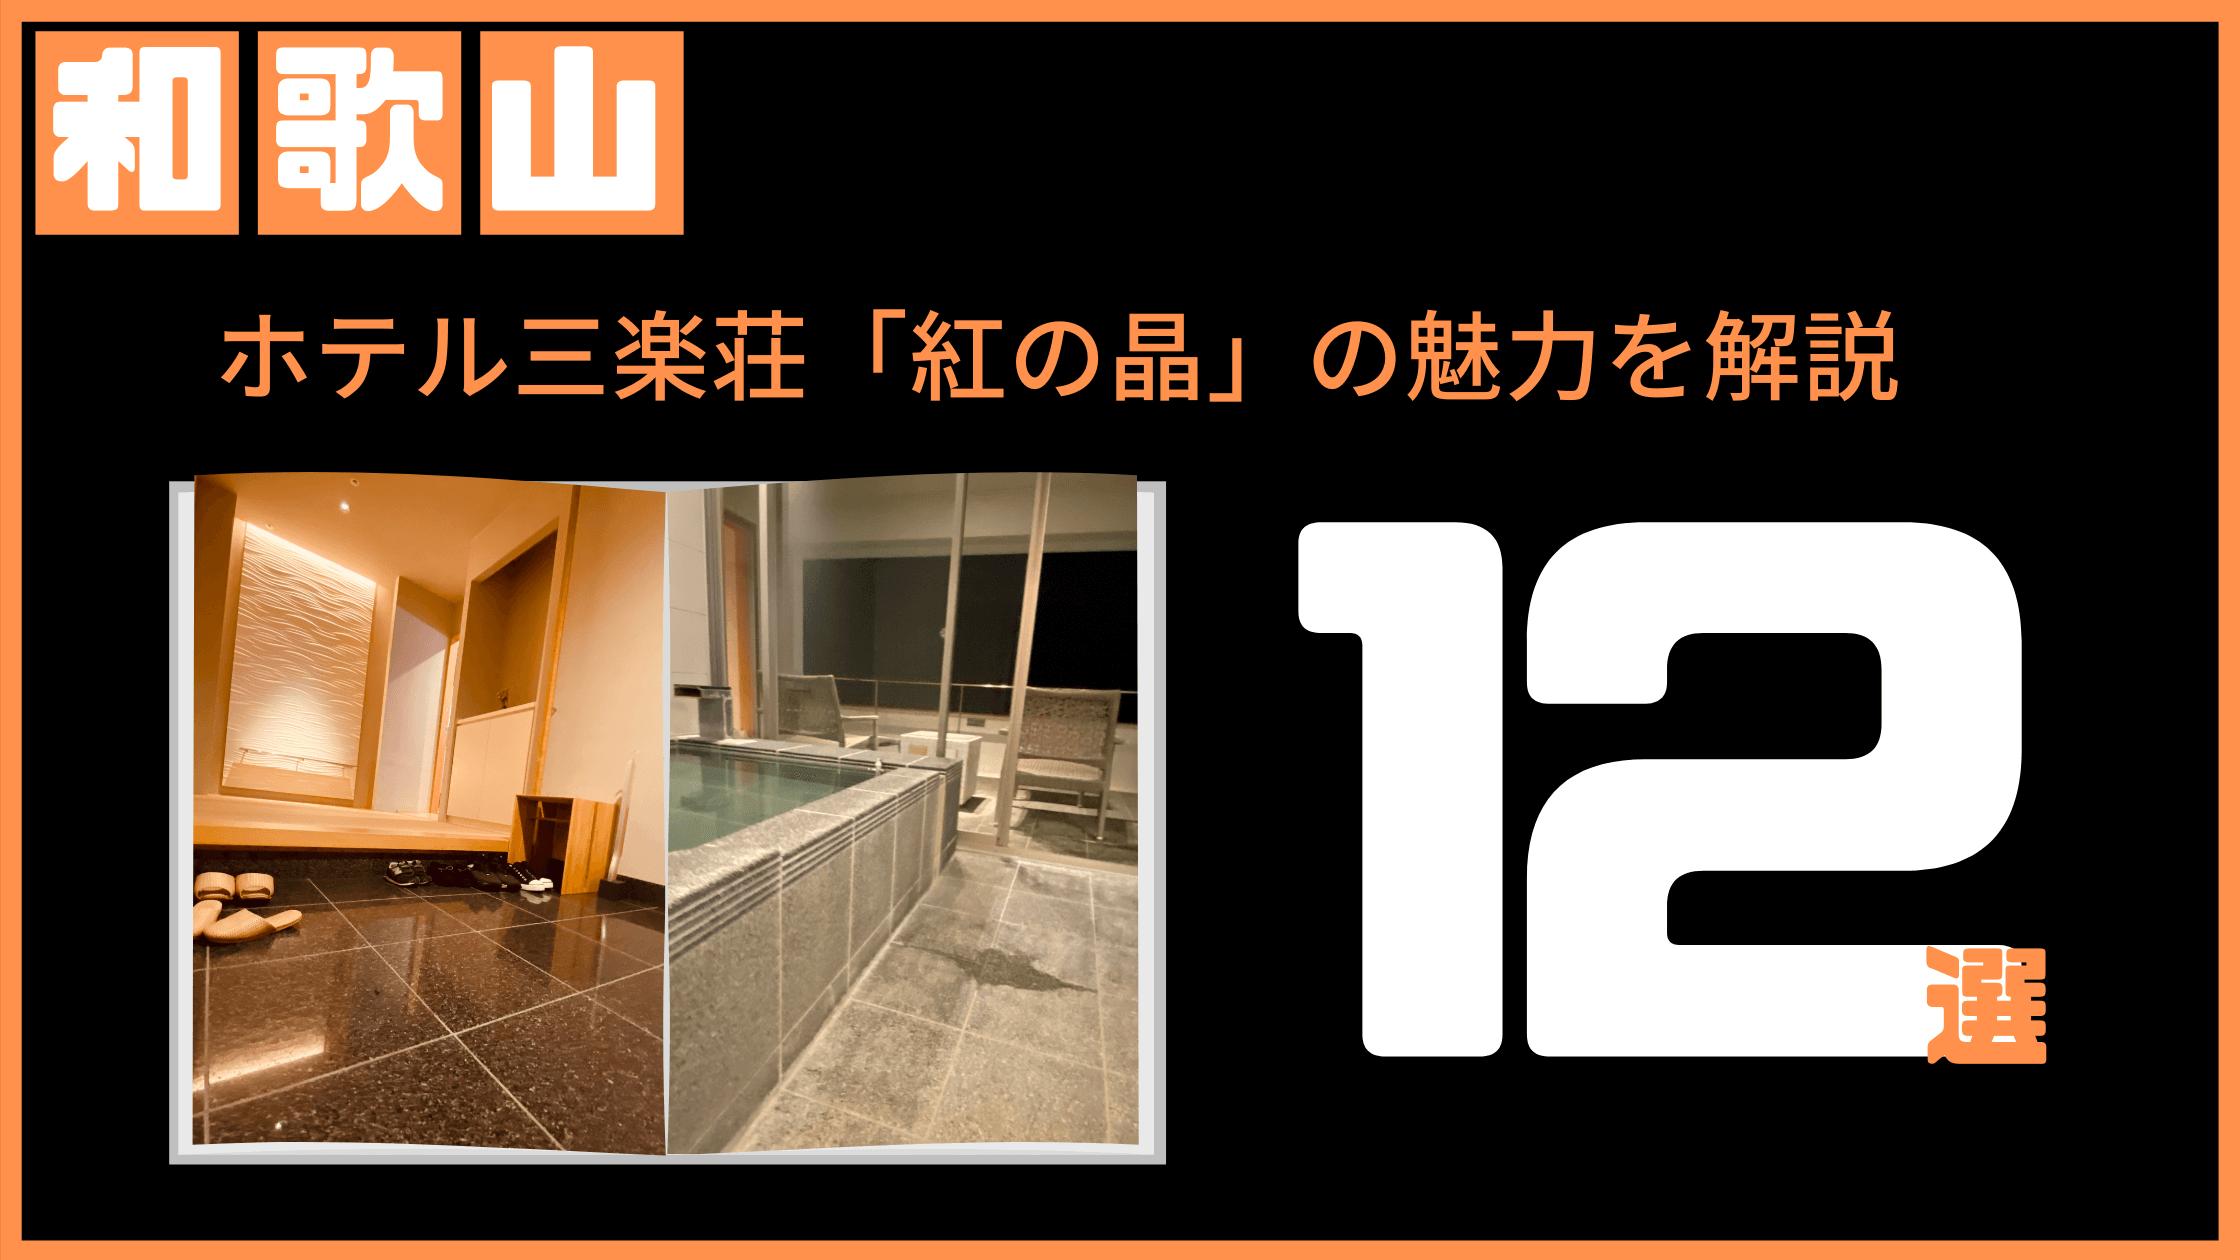 【和歌山】還暦祝いに最適!三楽荘「紅の晶」の魅力12個を解説